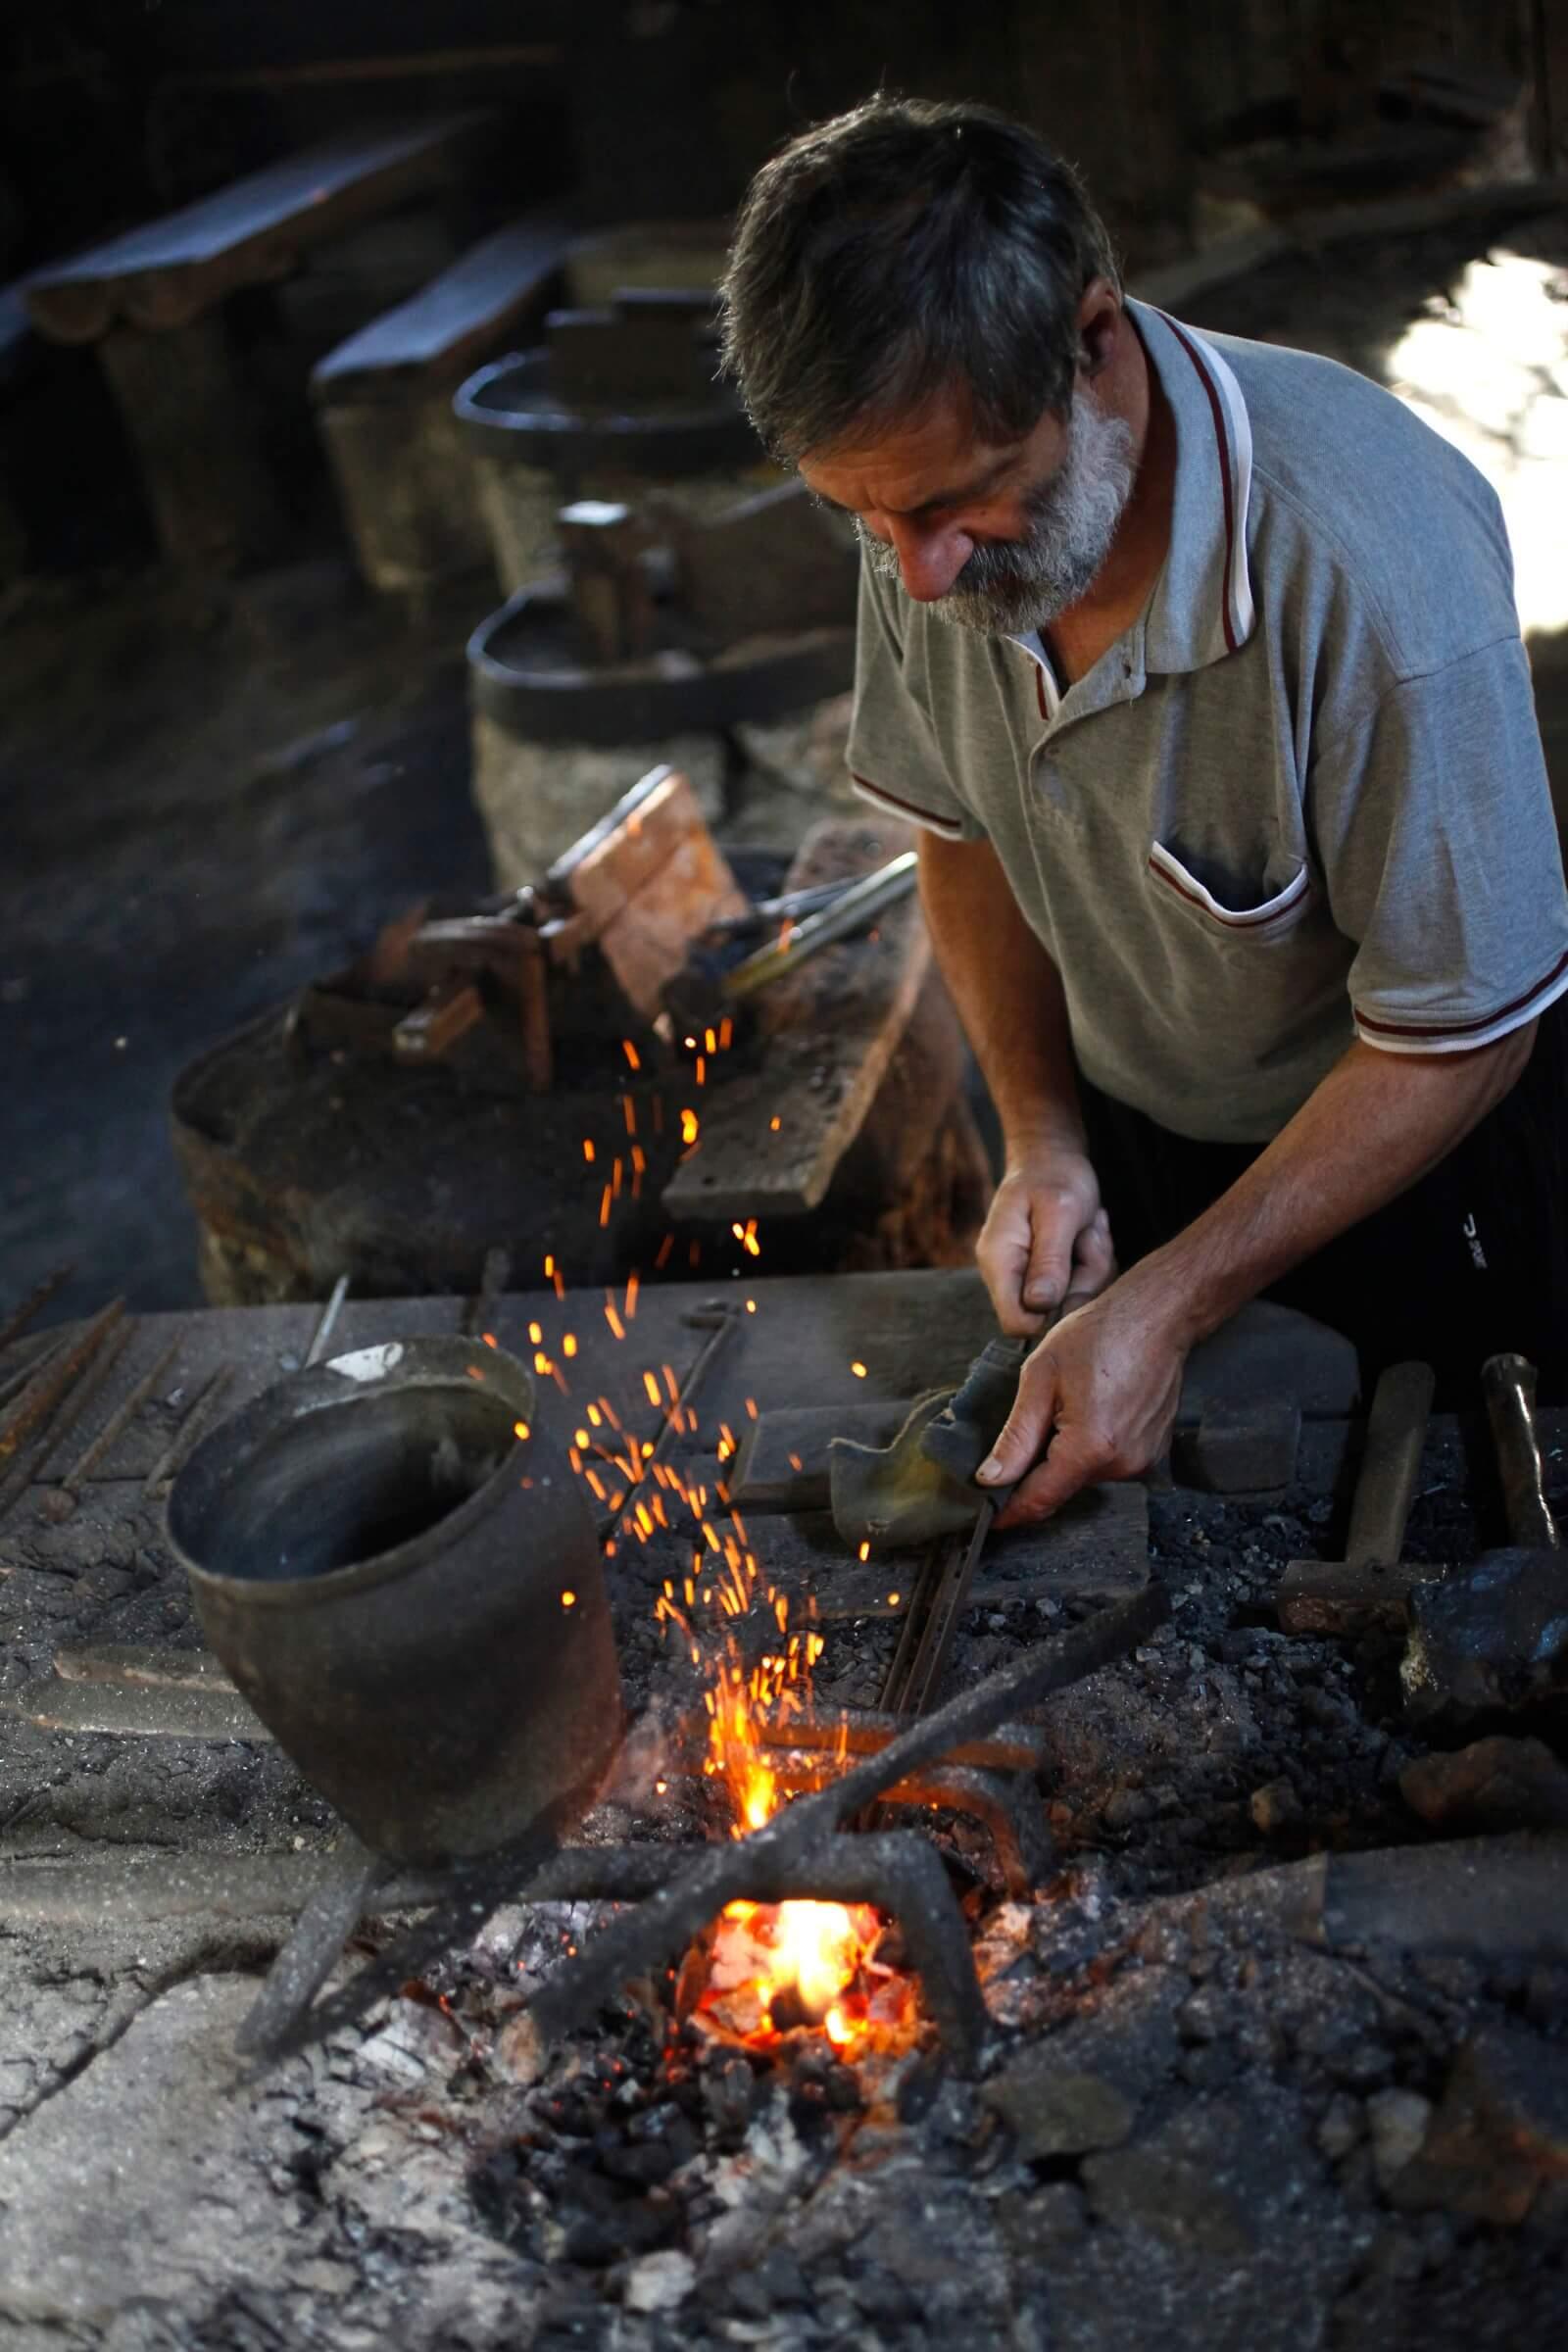 Namig za izlet v 2021: kovaška tradicija v Kropi